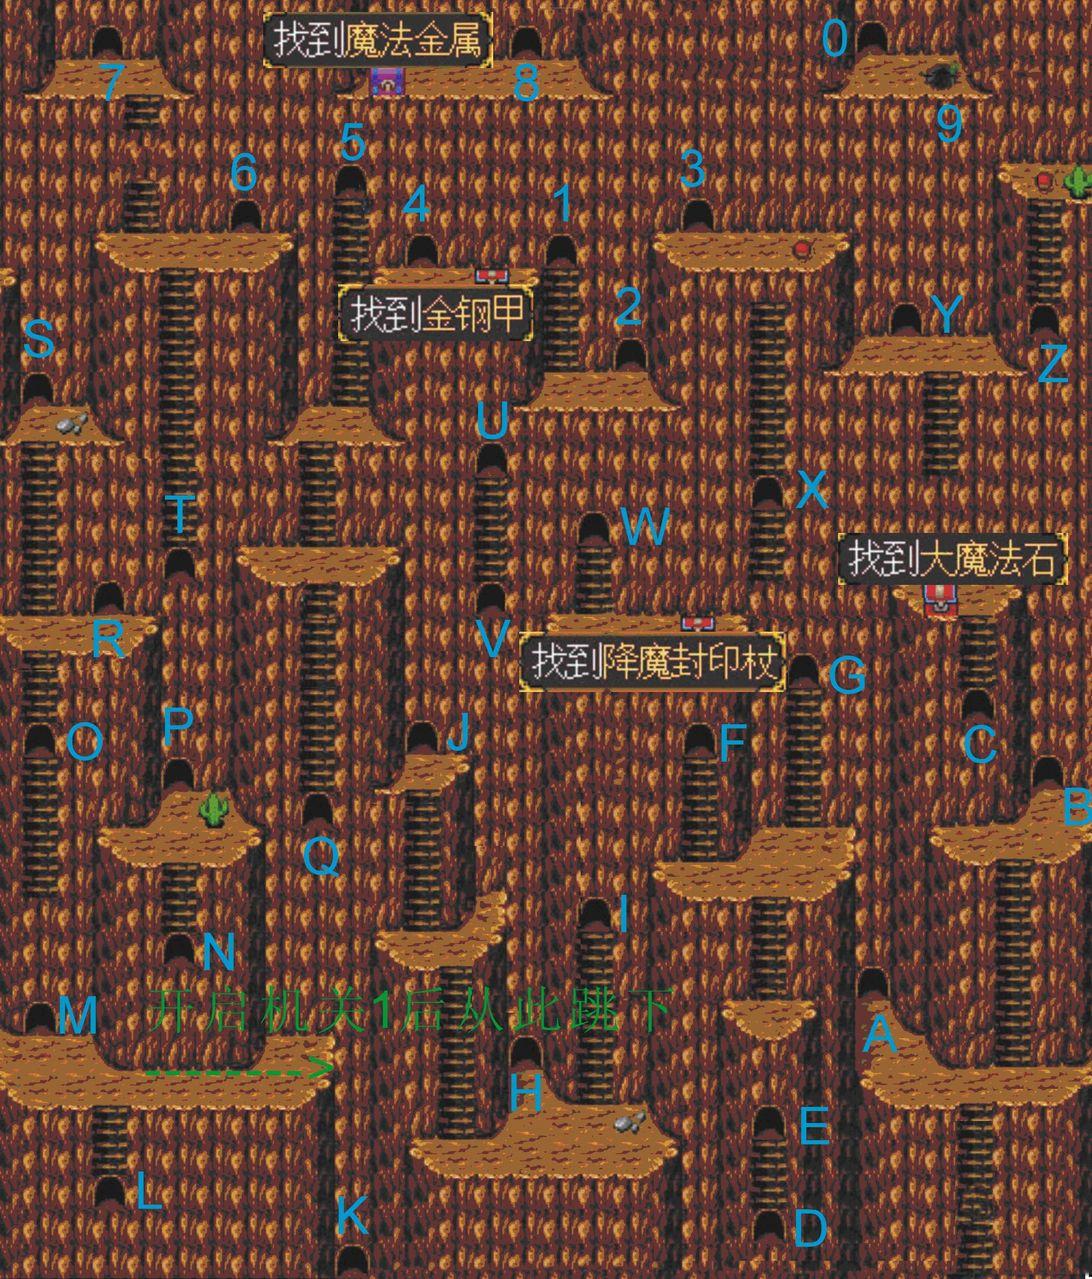 彩虹城堡2魔界双星篇百慕崖的宝箱怎么取法?